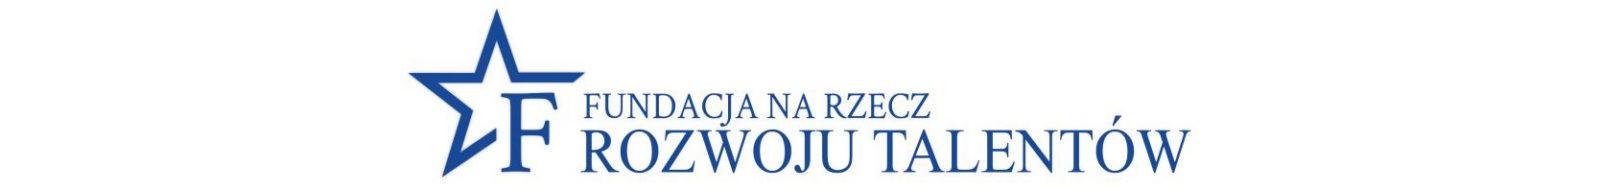 Fundacja_NRRT_logo_glowna